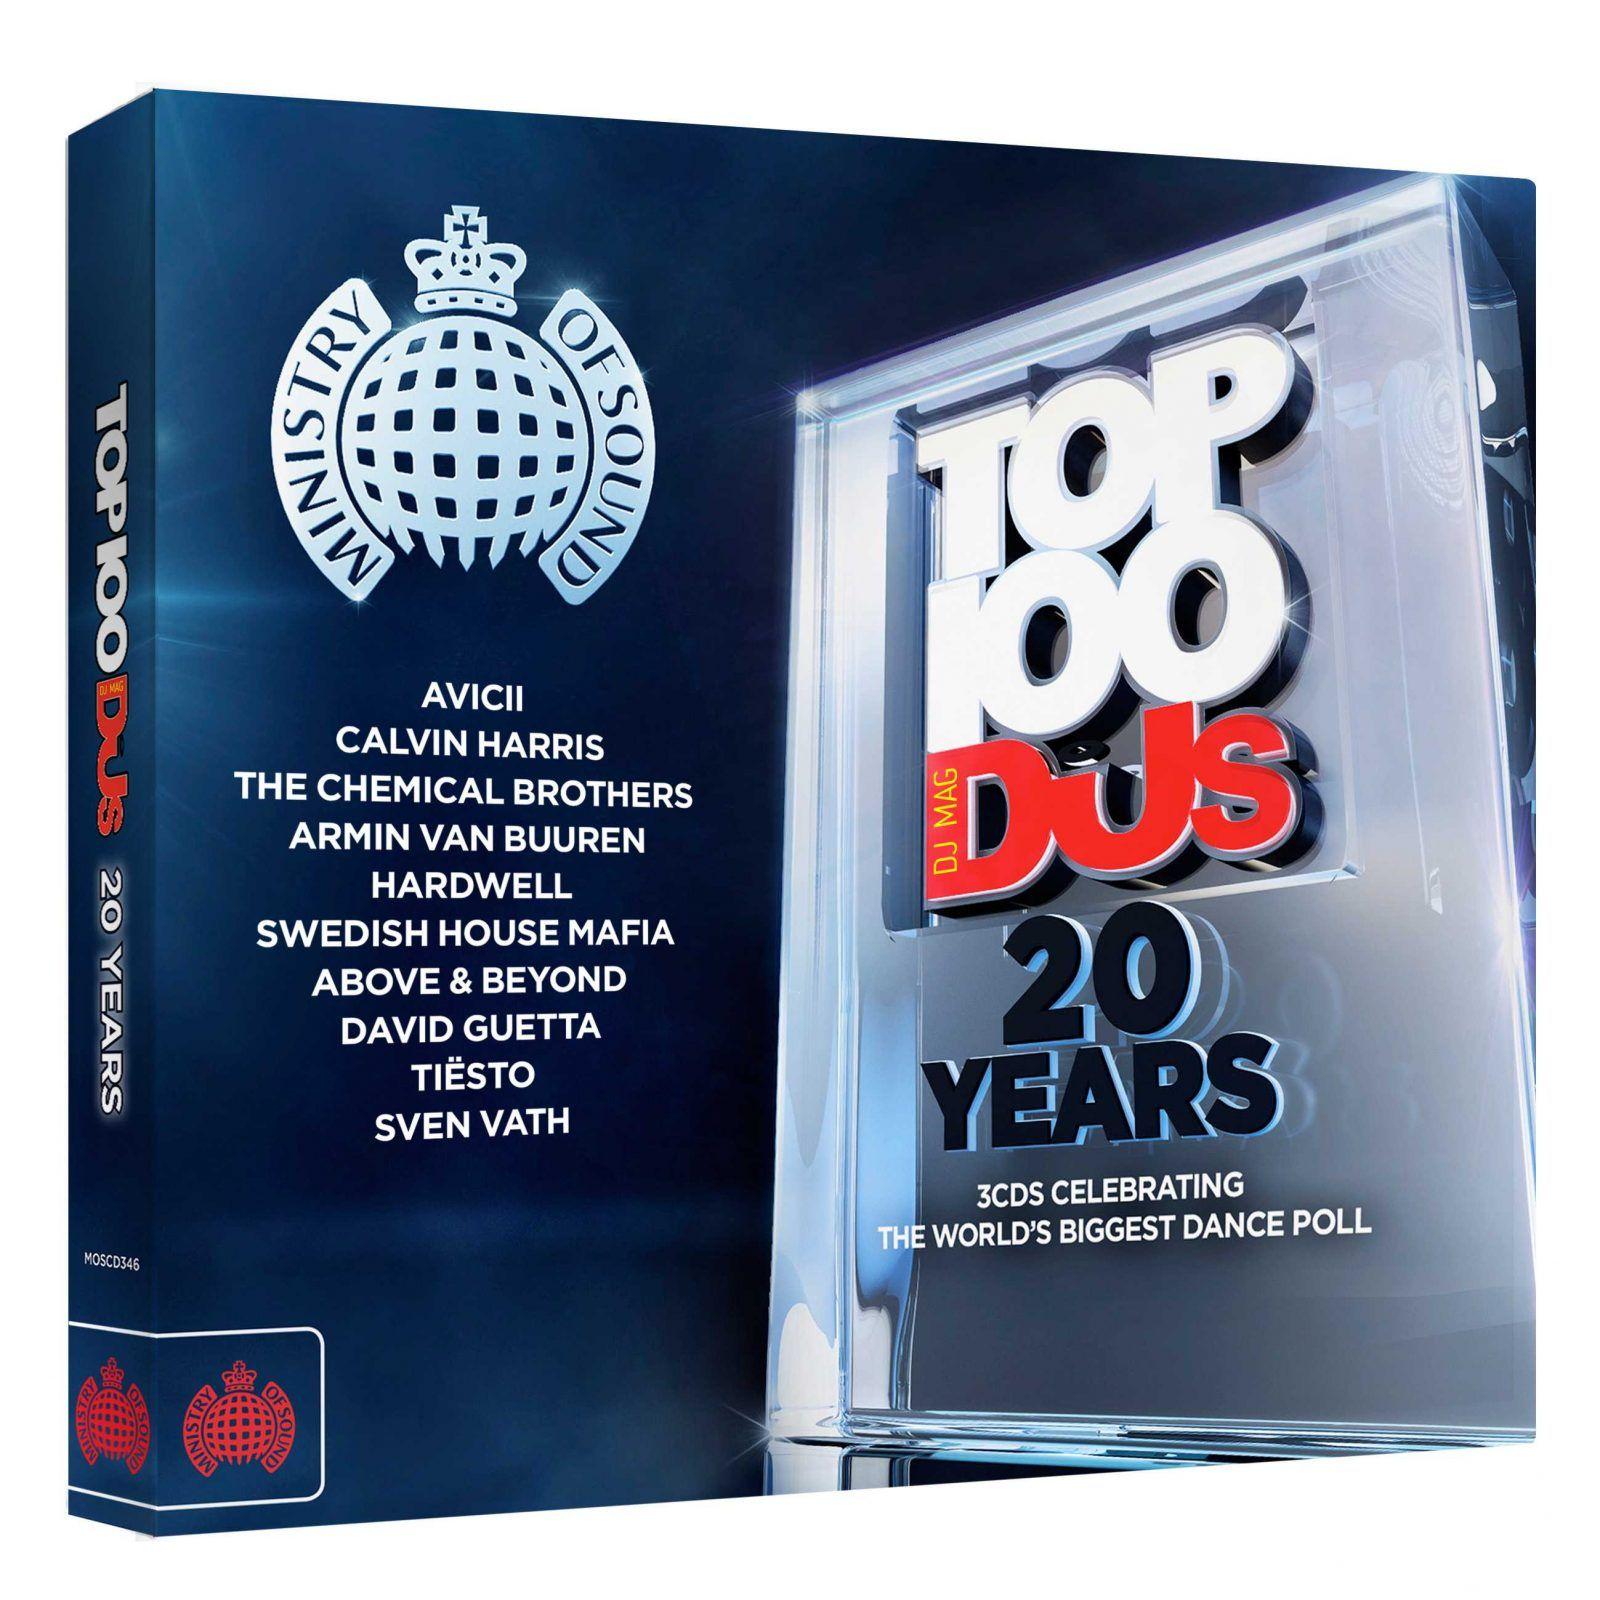 dj-mag-top100-20-years3d-packshot-artists.jpg.jpeg